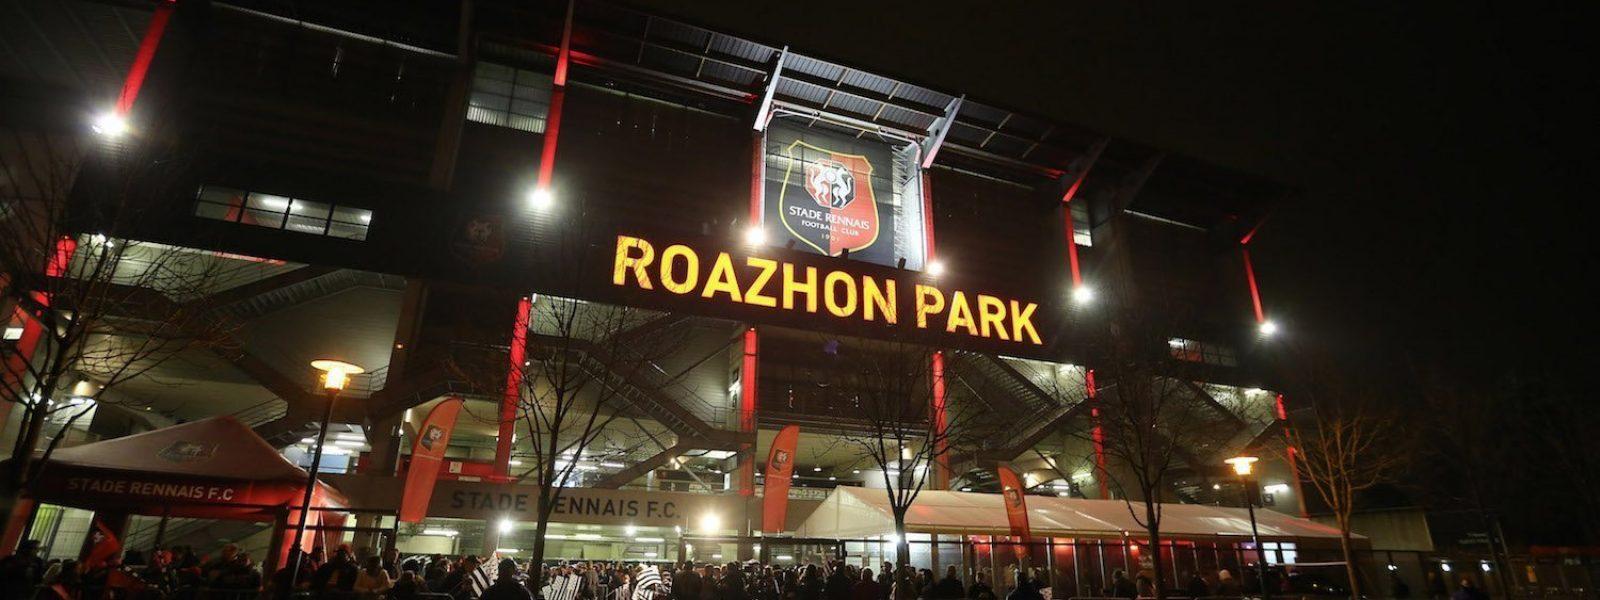 Roazhon Park - Rennes